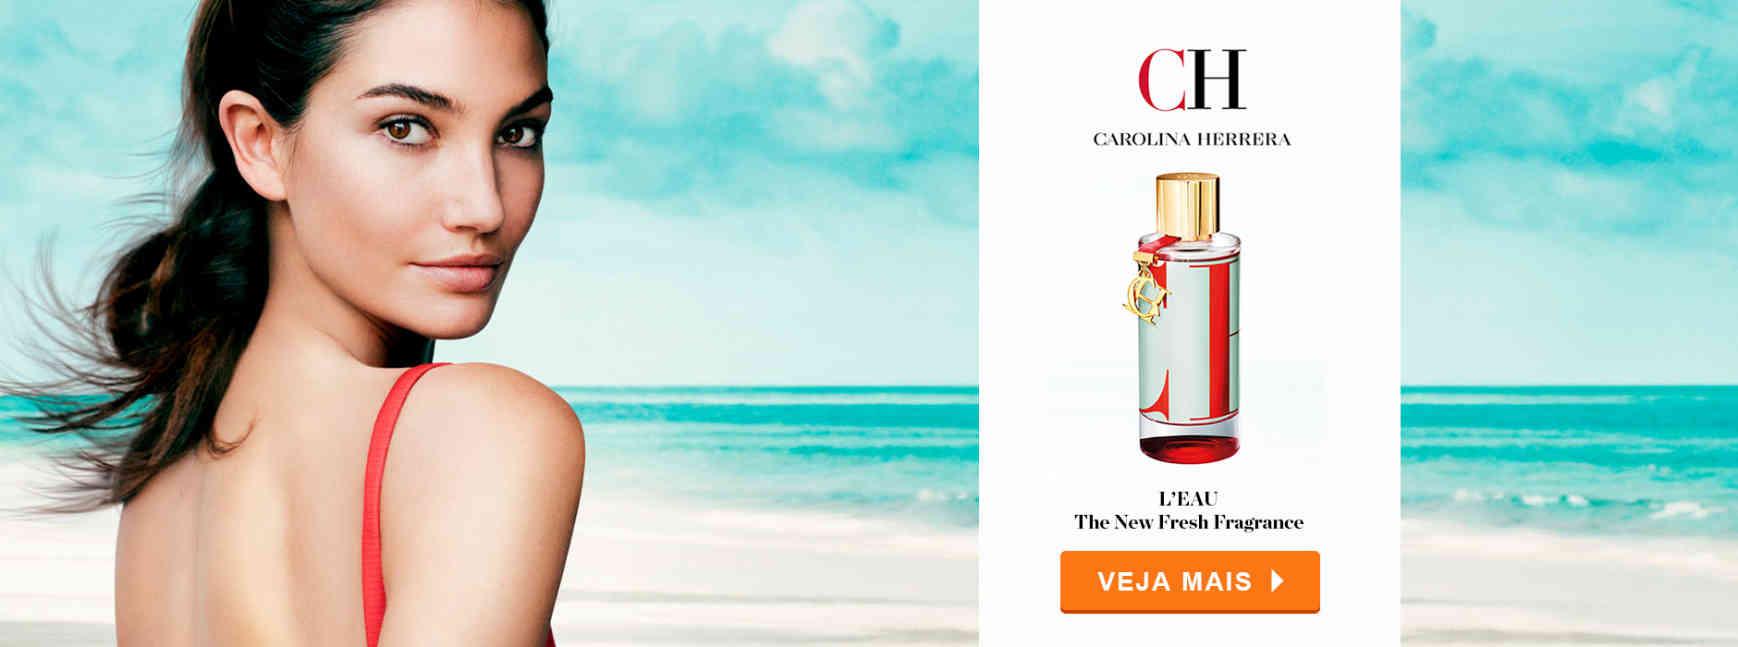 Carolina Herrera: CH Leau